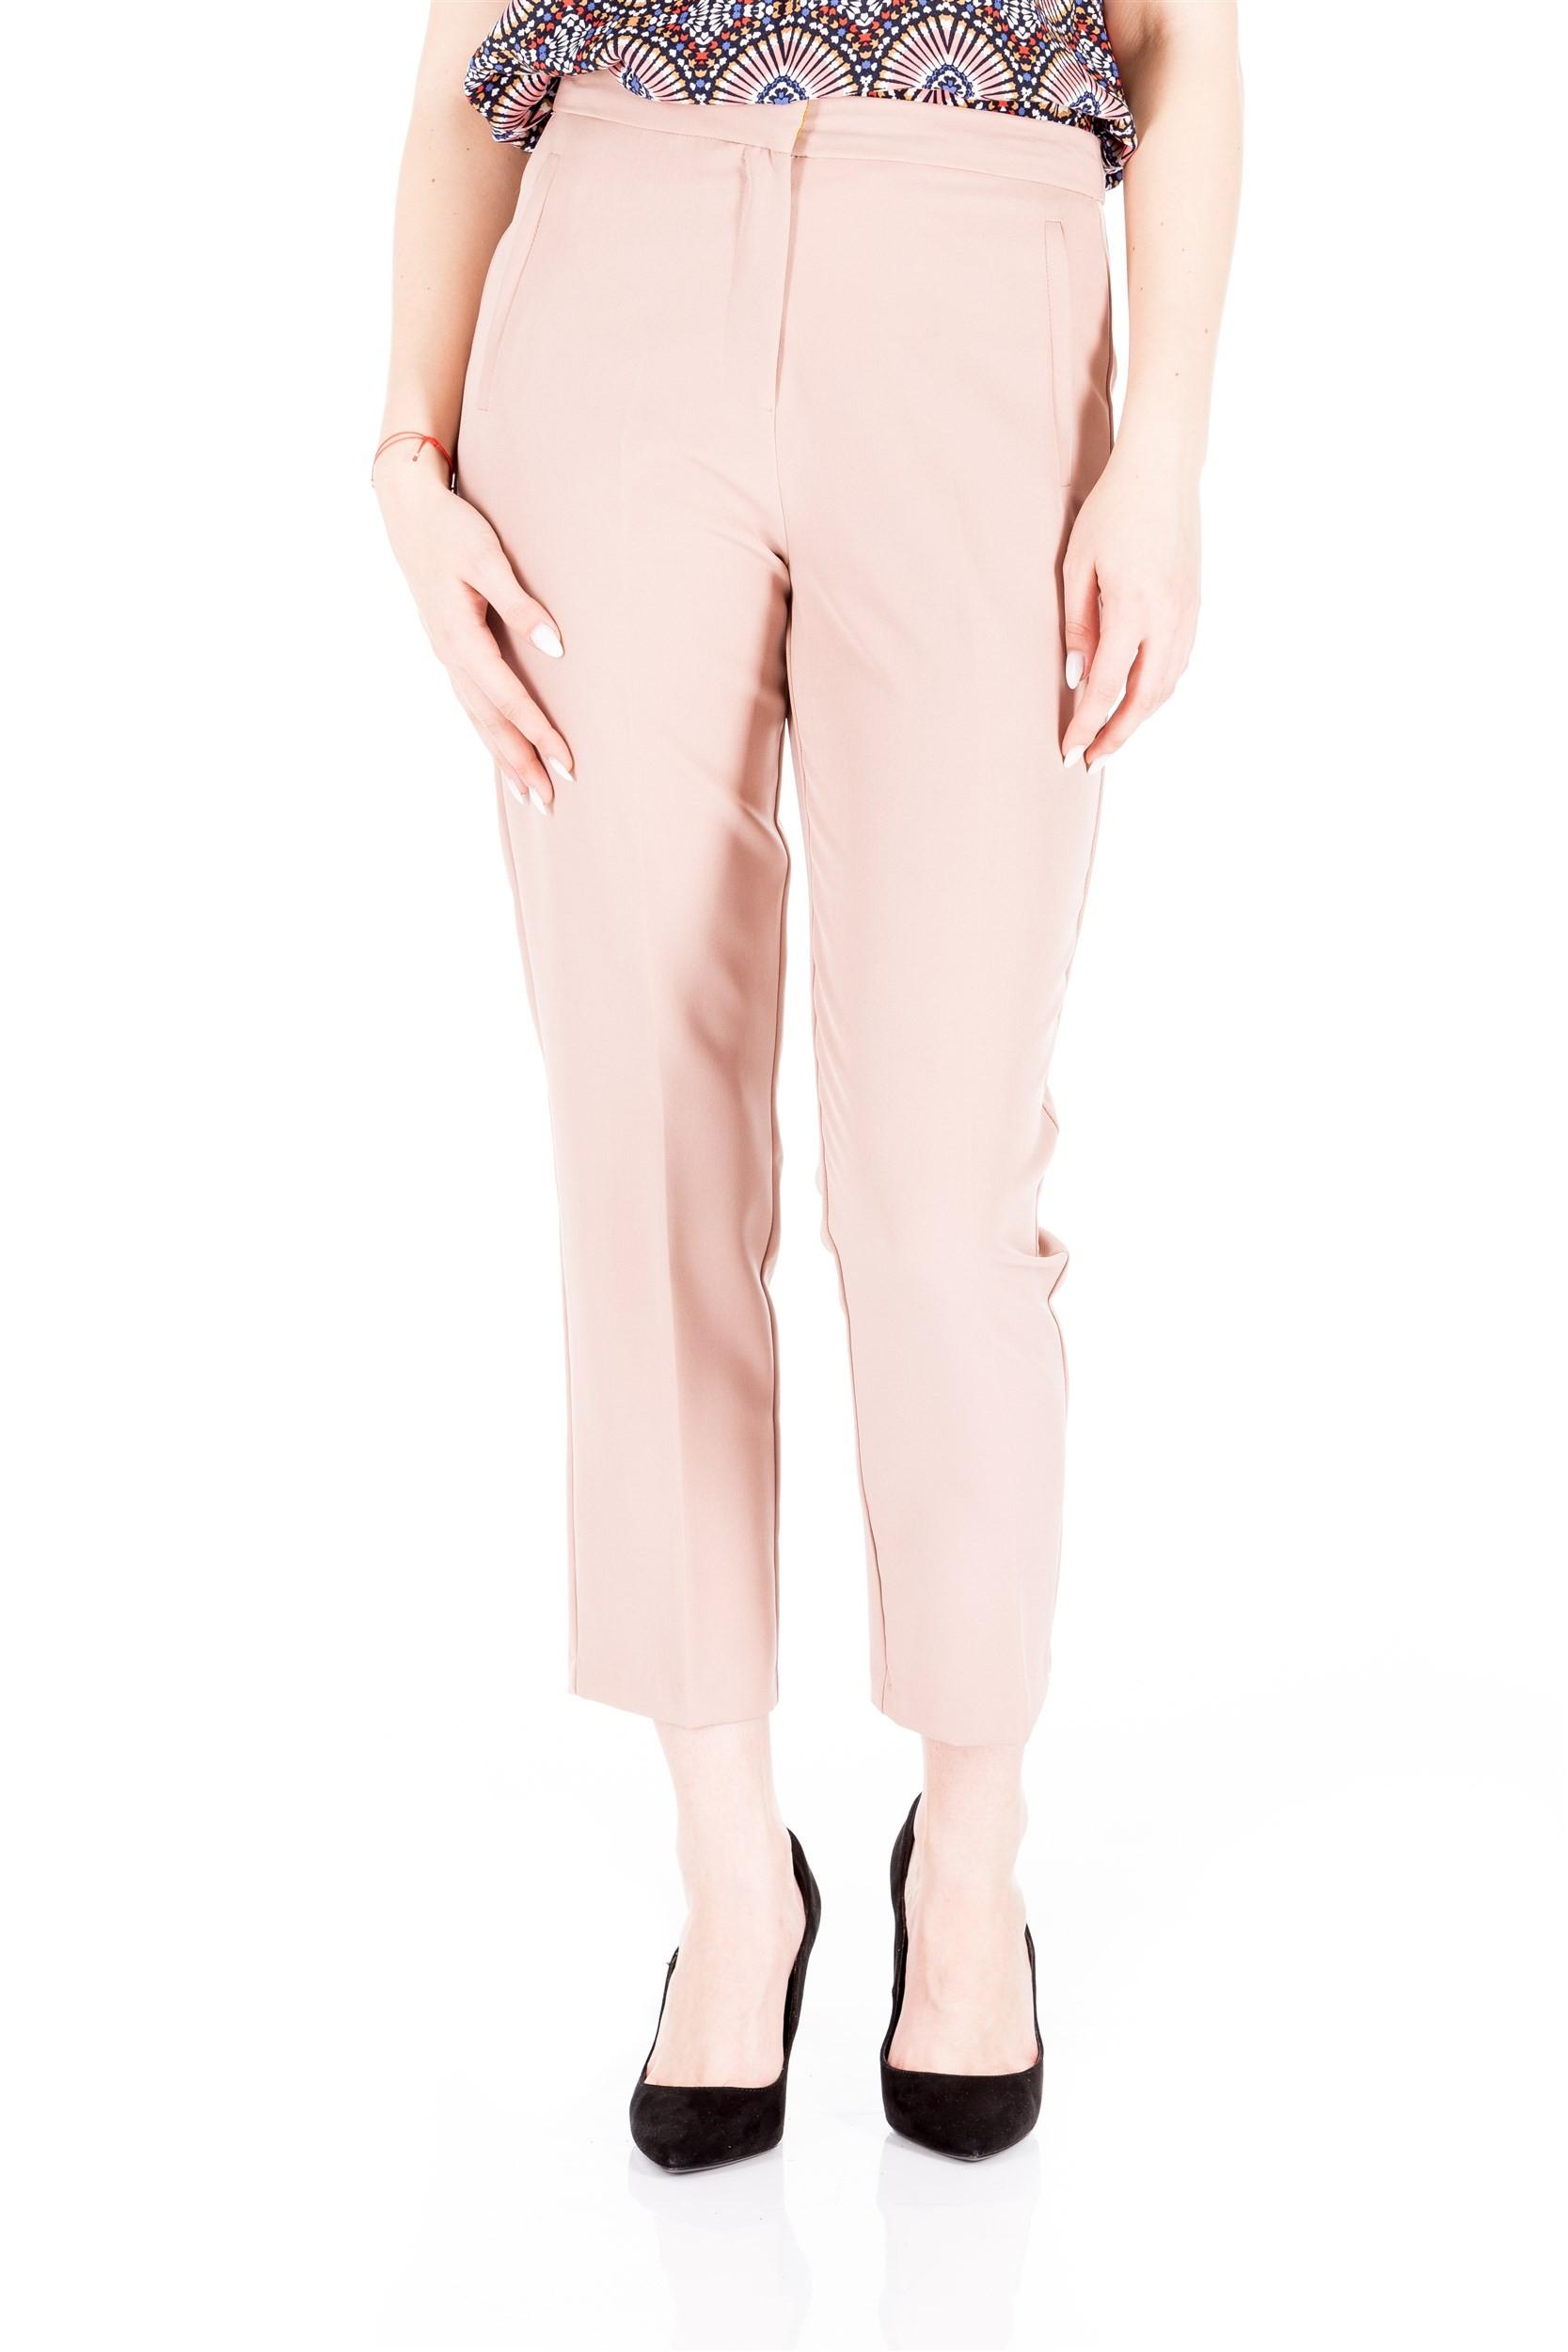 Pantalon cu buzunare verticale